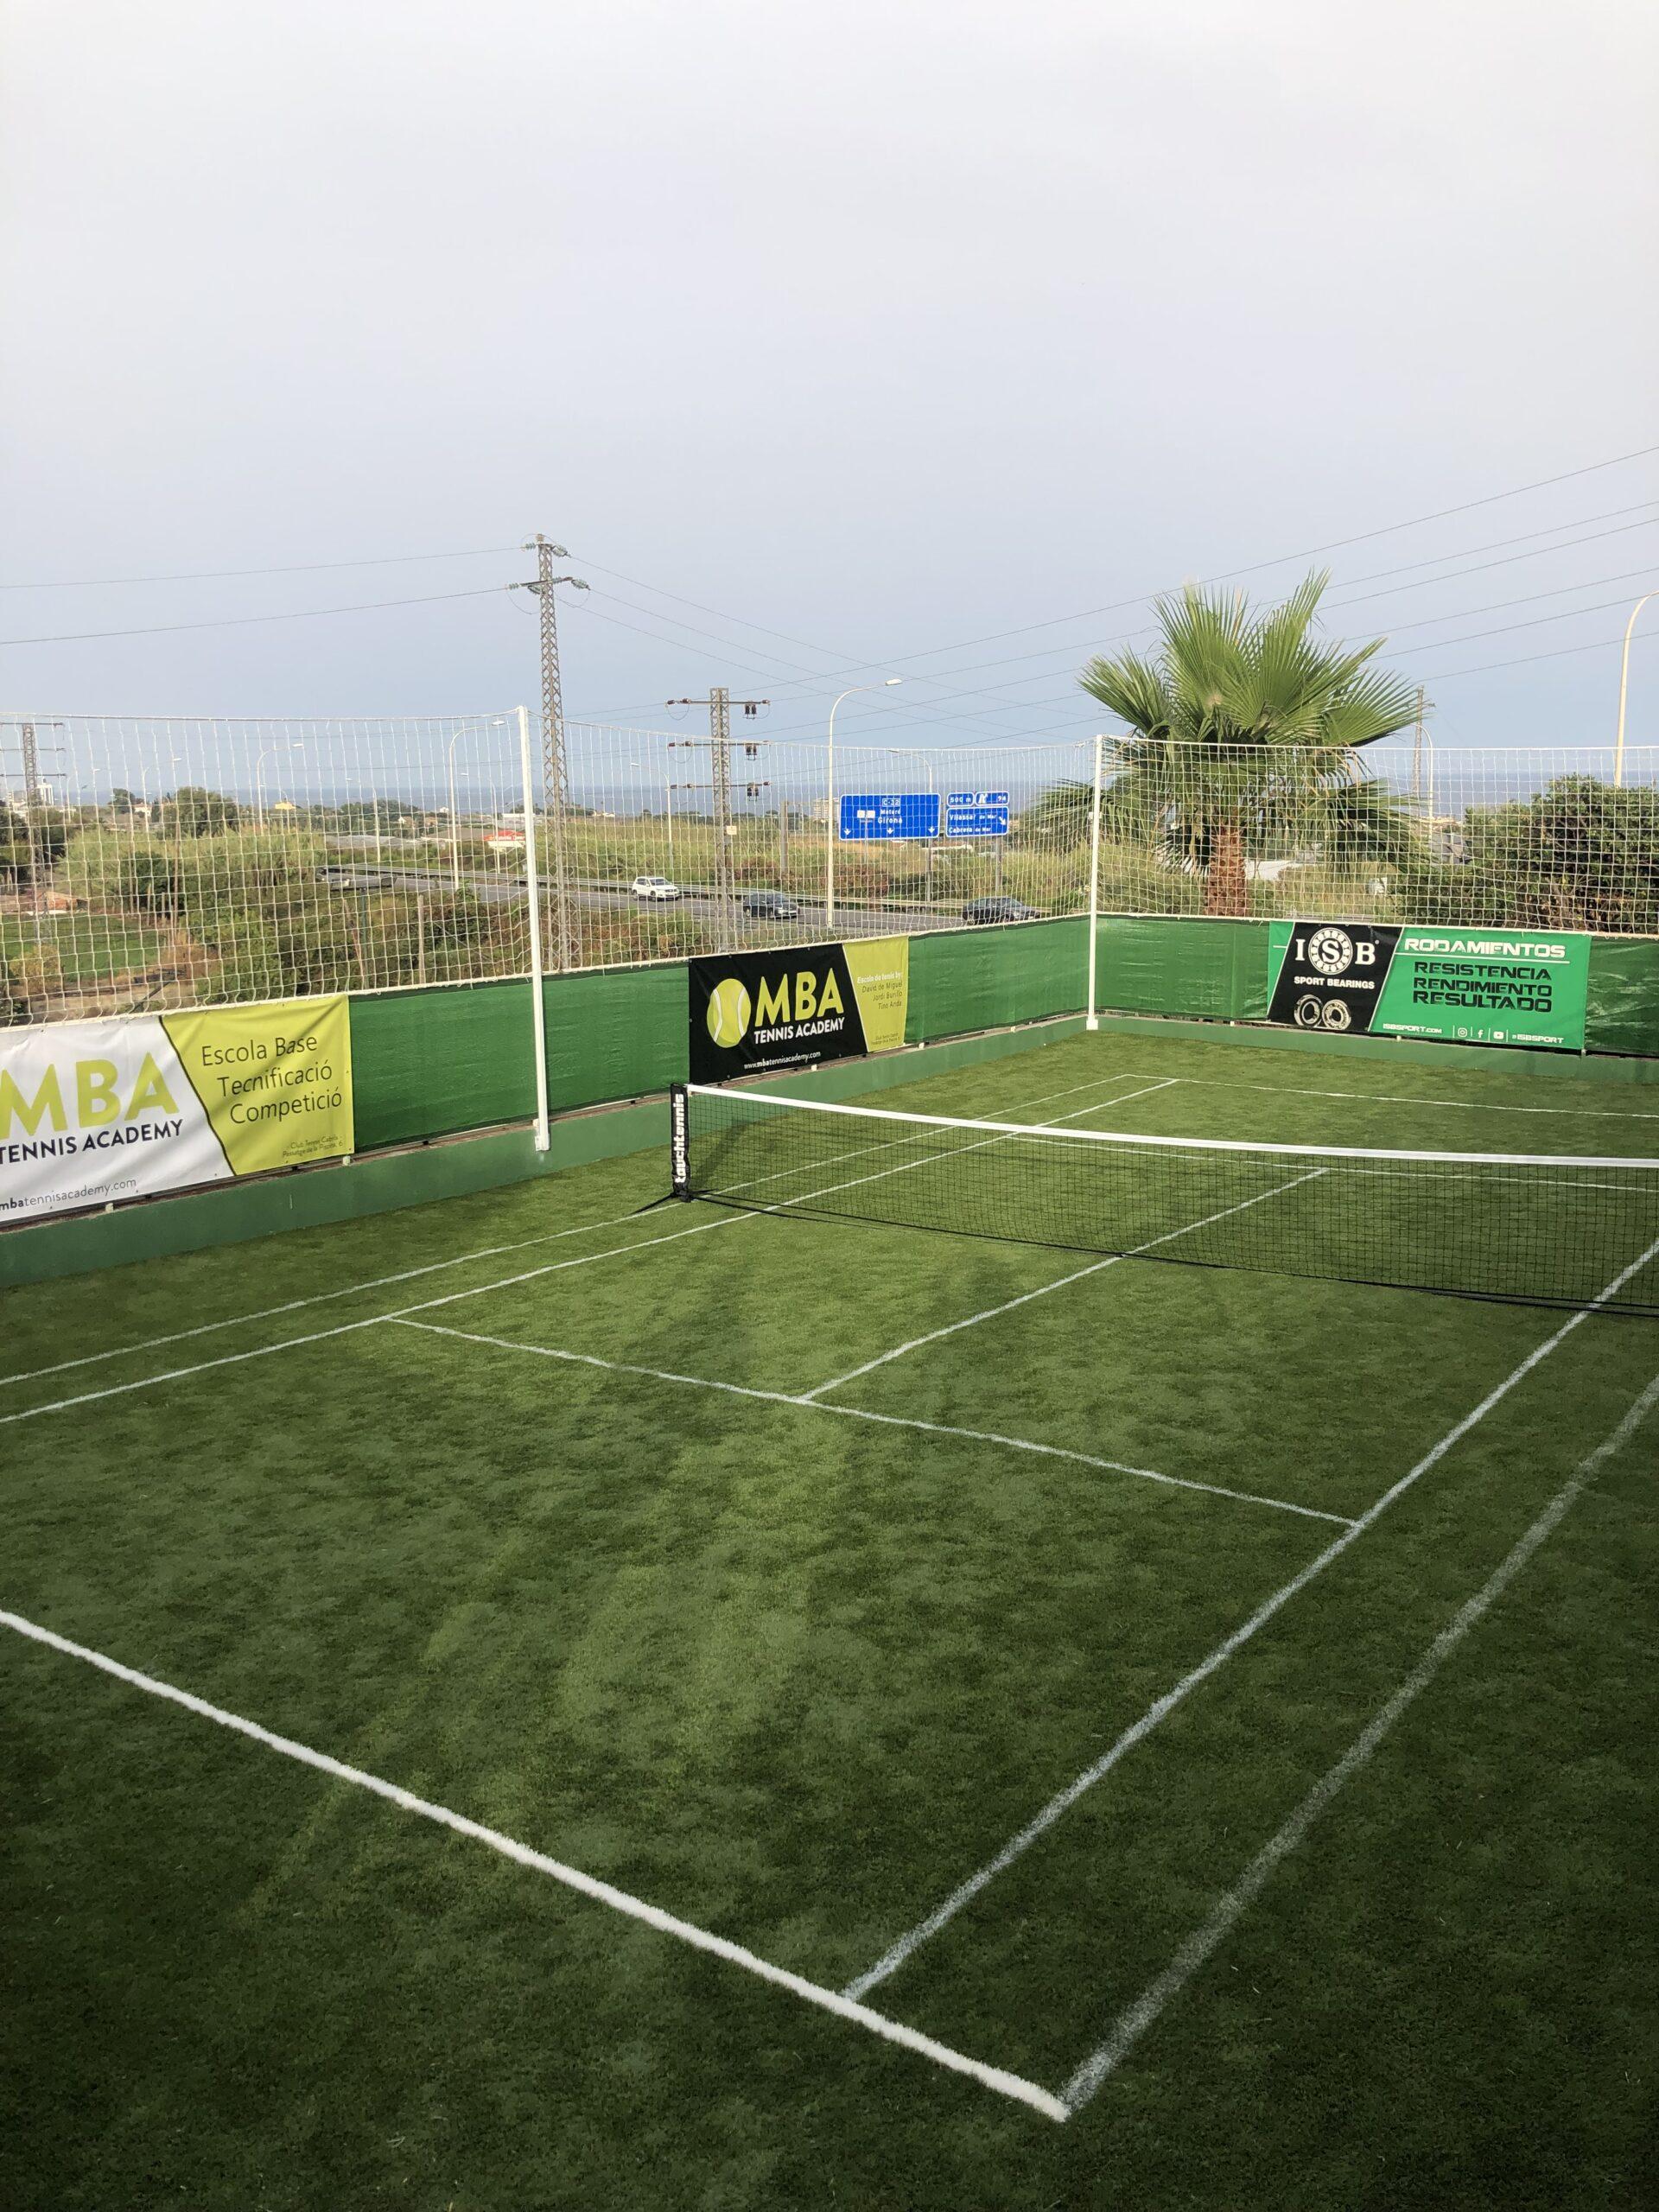 Pista Touchtennis MBA Tennis Academy